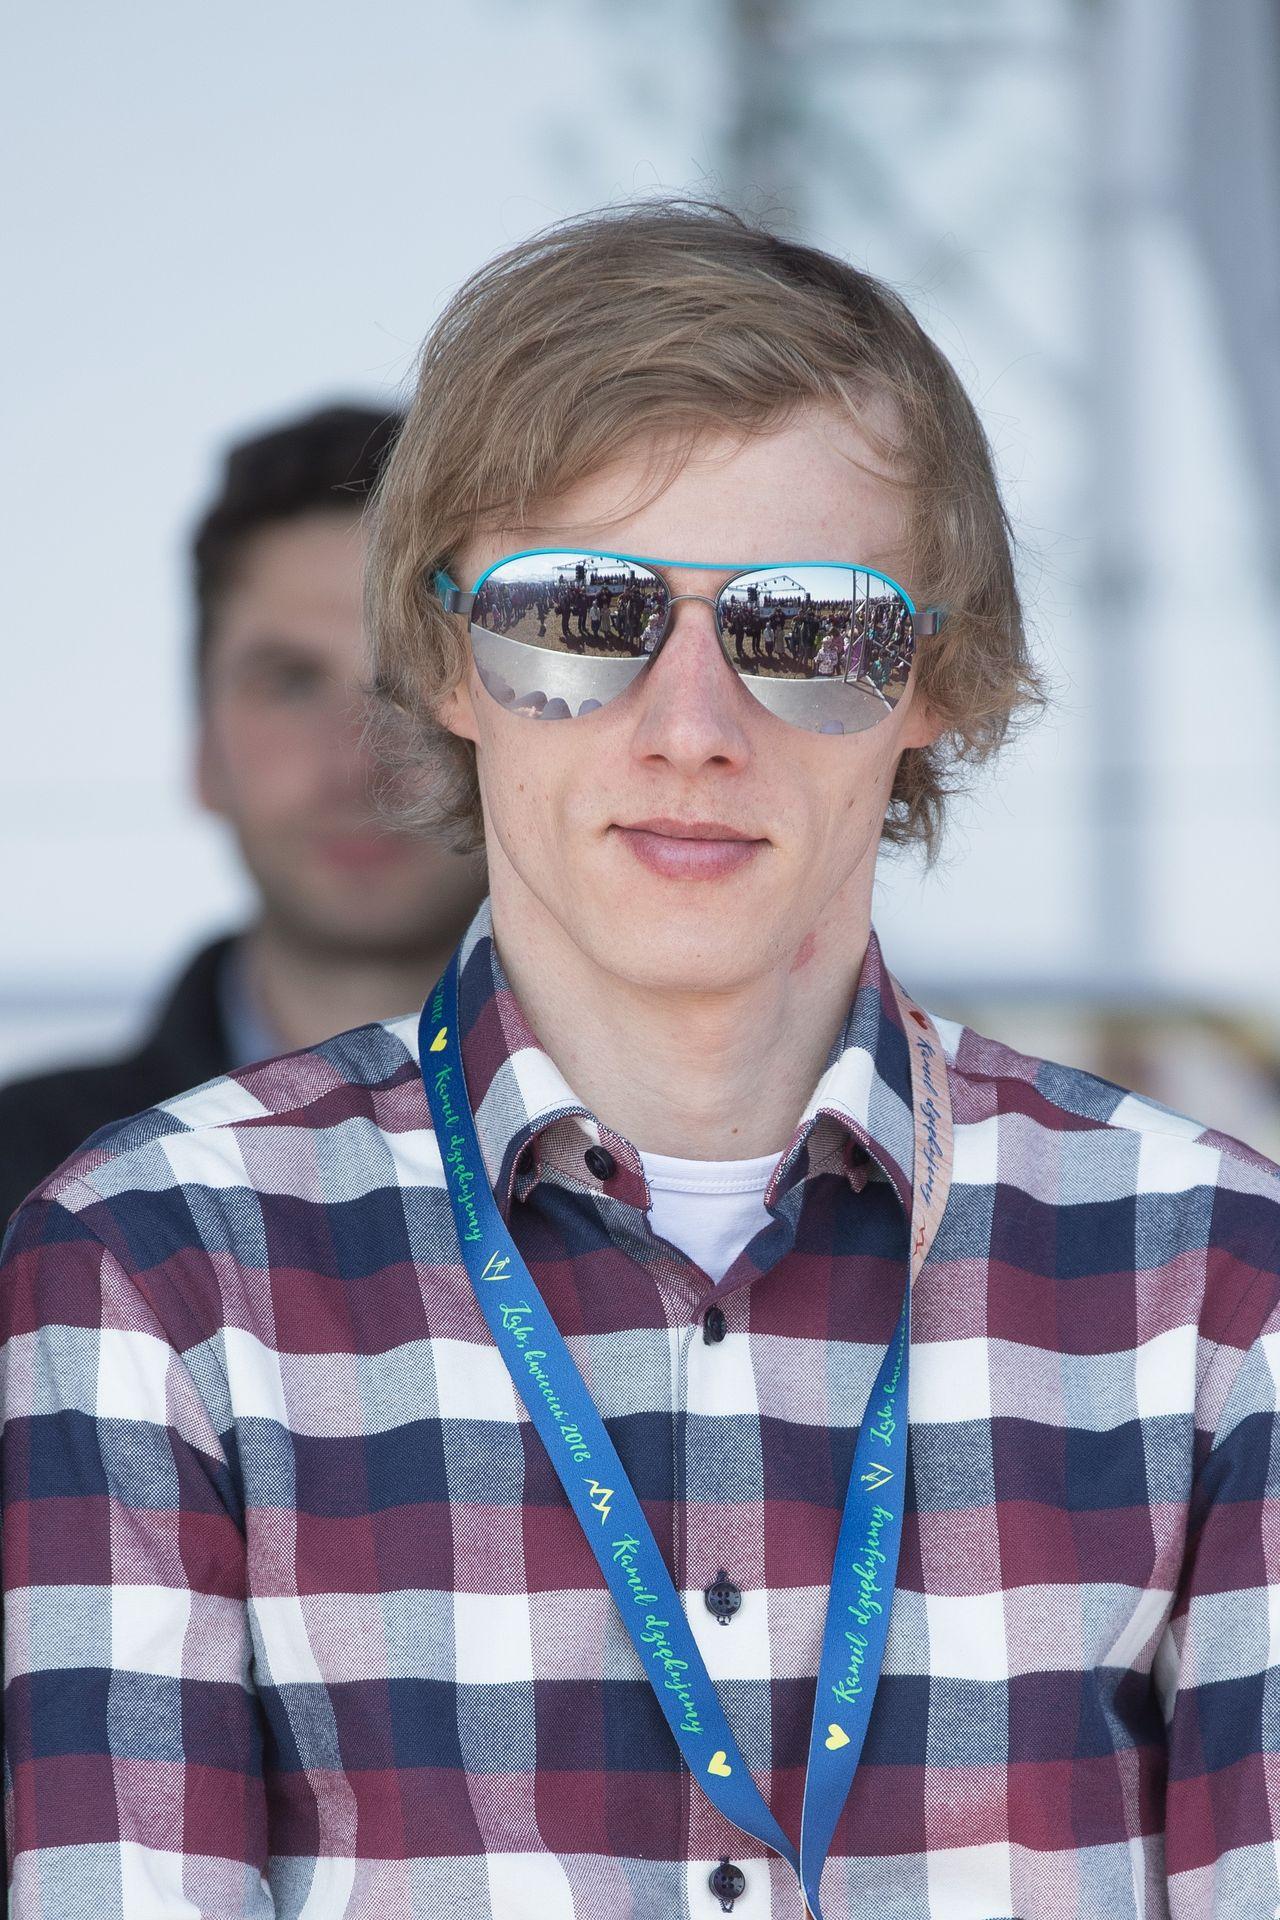 BRAWO Dawid Kubacki! Polak wygrał niedzielny konkurs Pucharu Świata w Predazzo